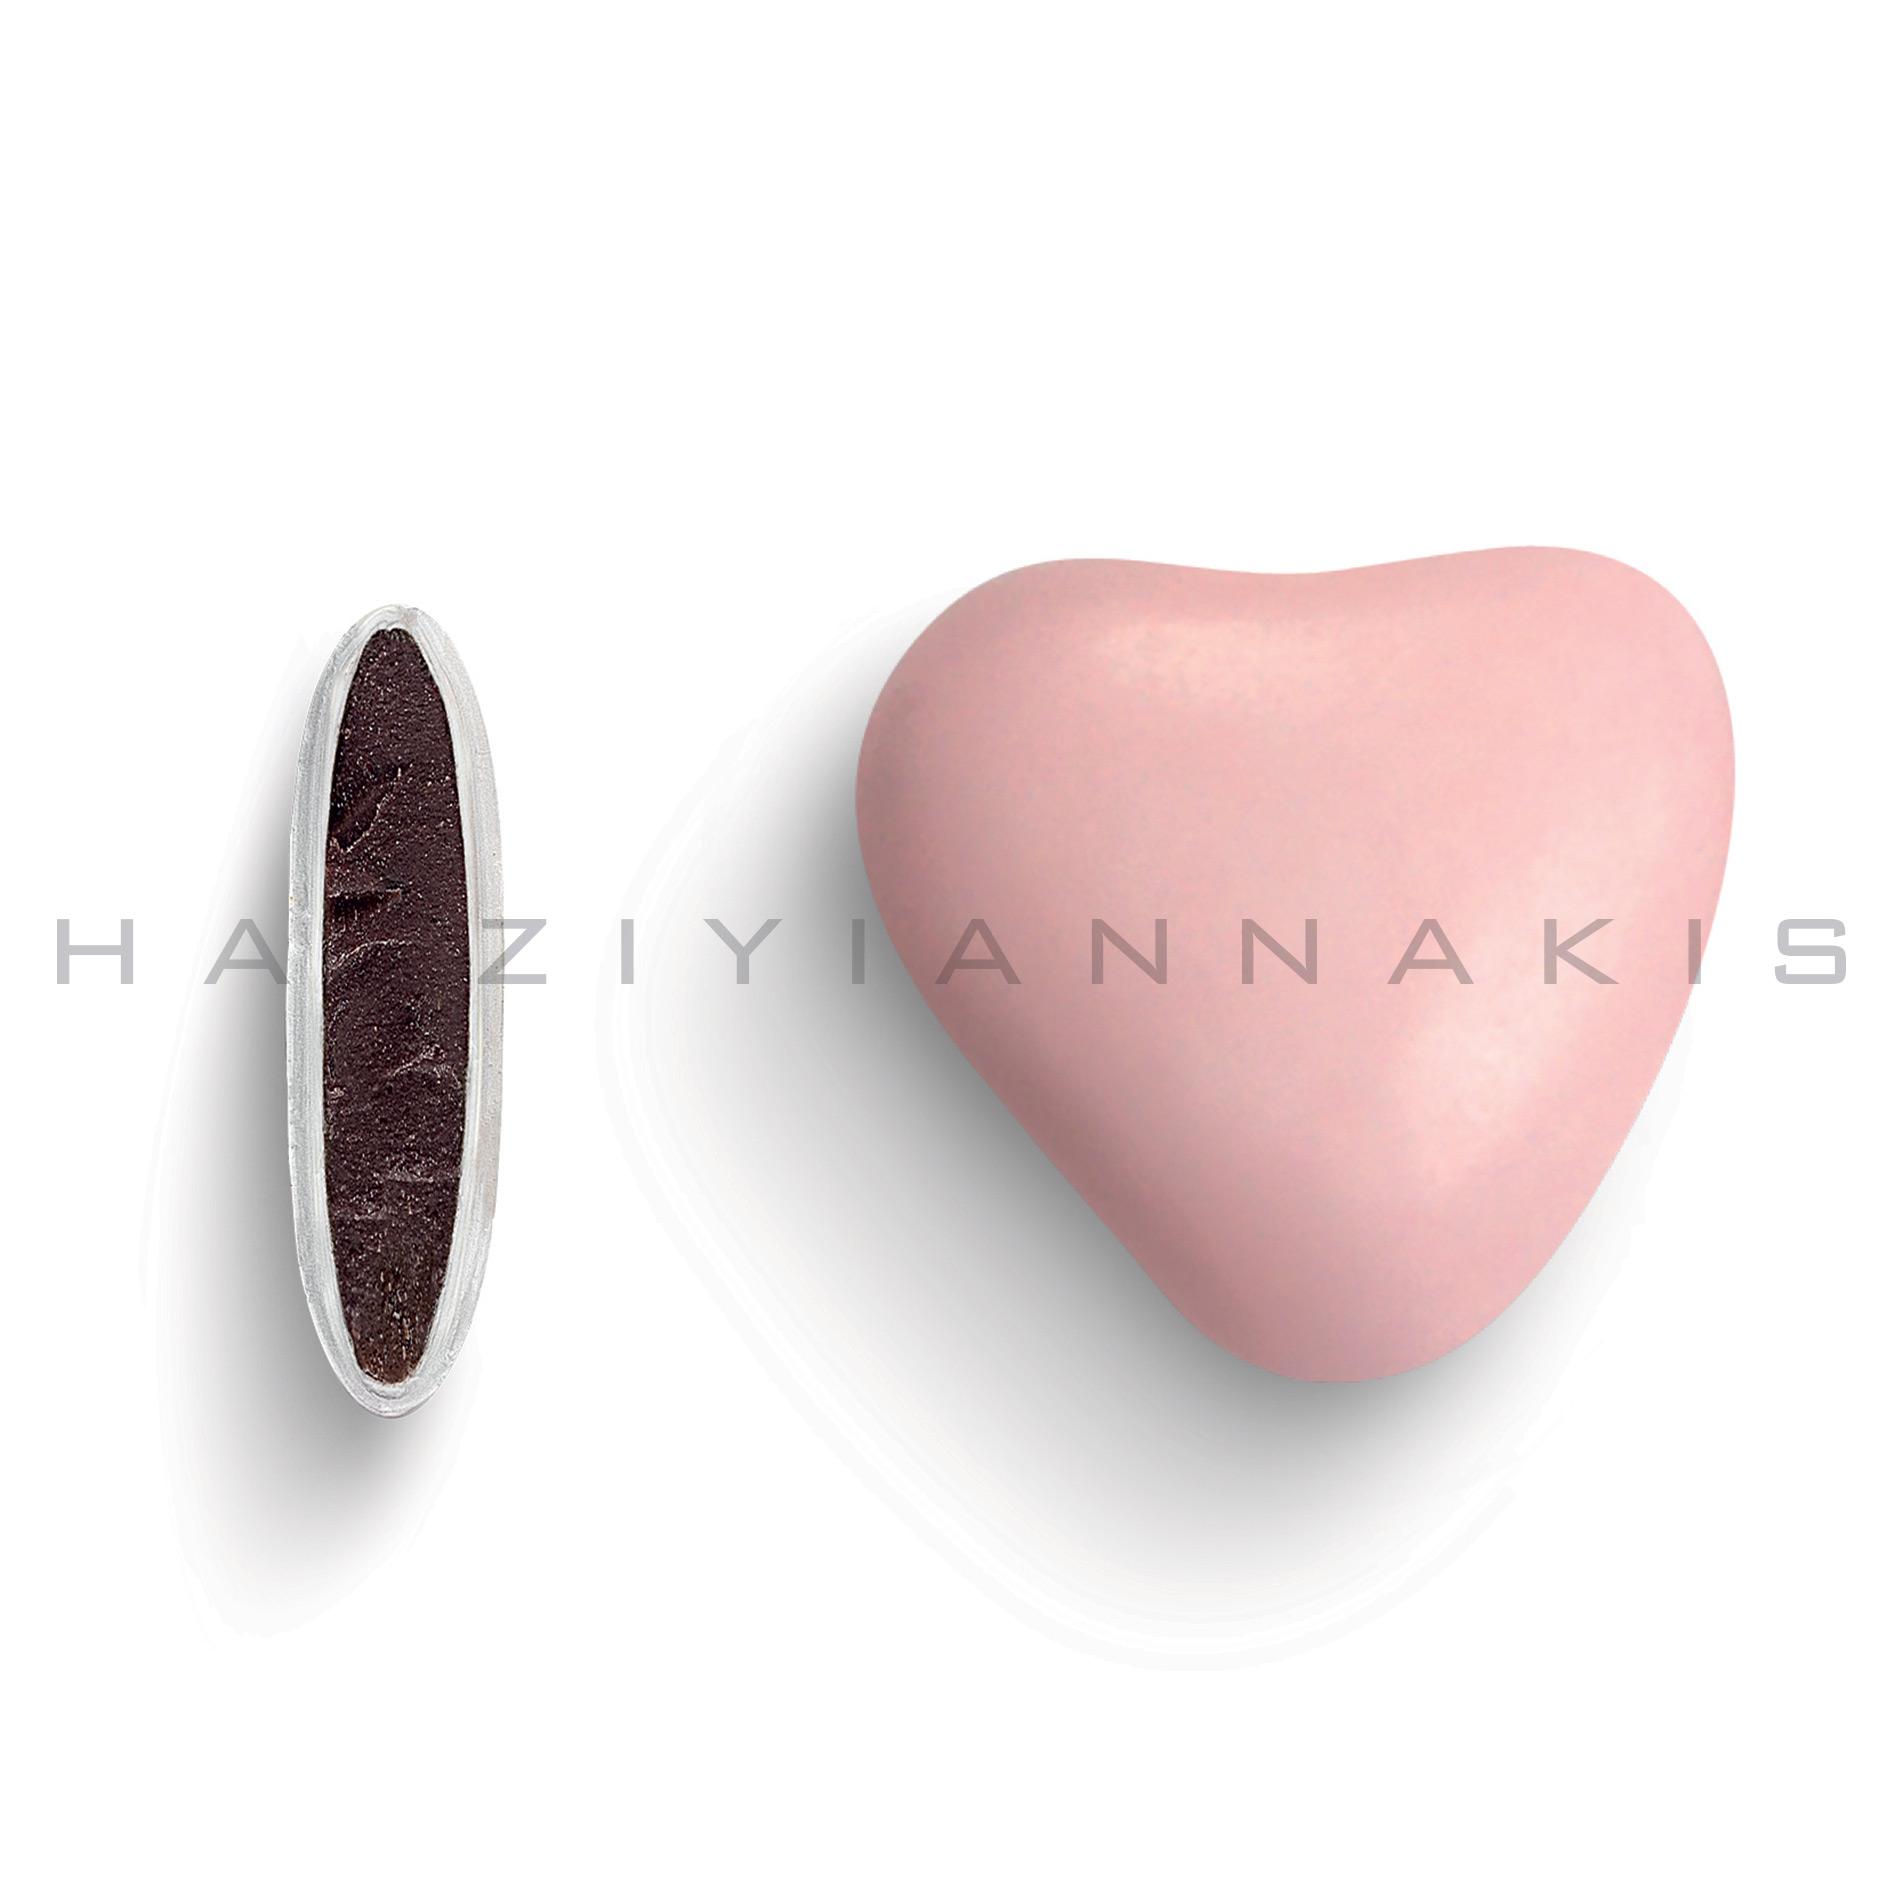 Κουφέτο καρδιά χρώμα ροζ ανοιχτό, ματ 500 gr Συσκευασία